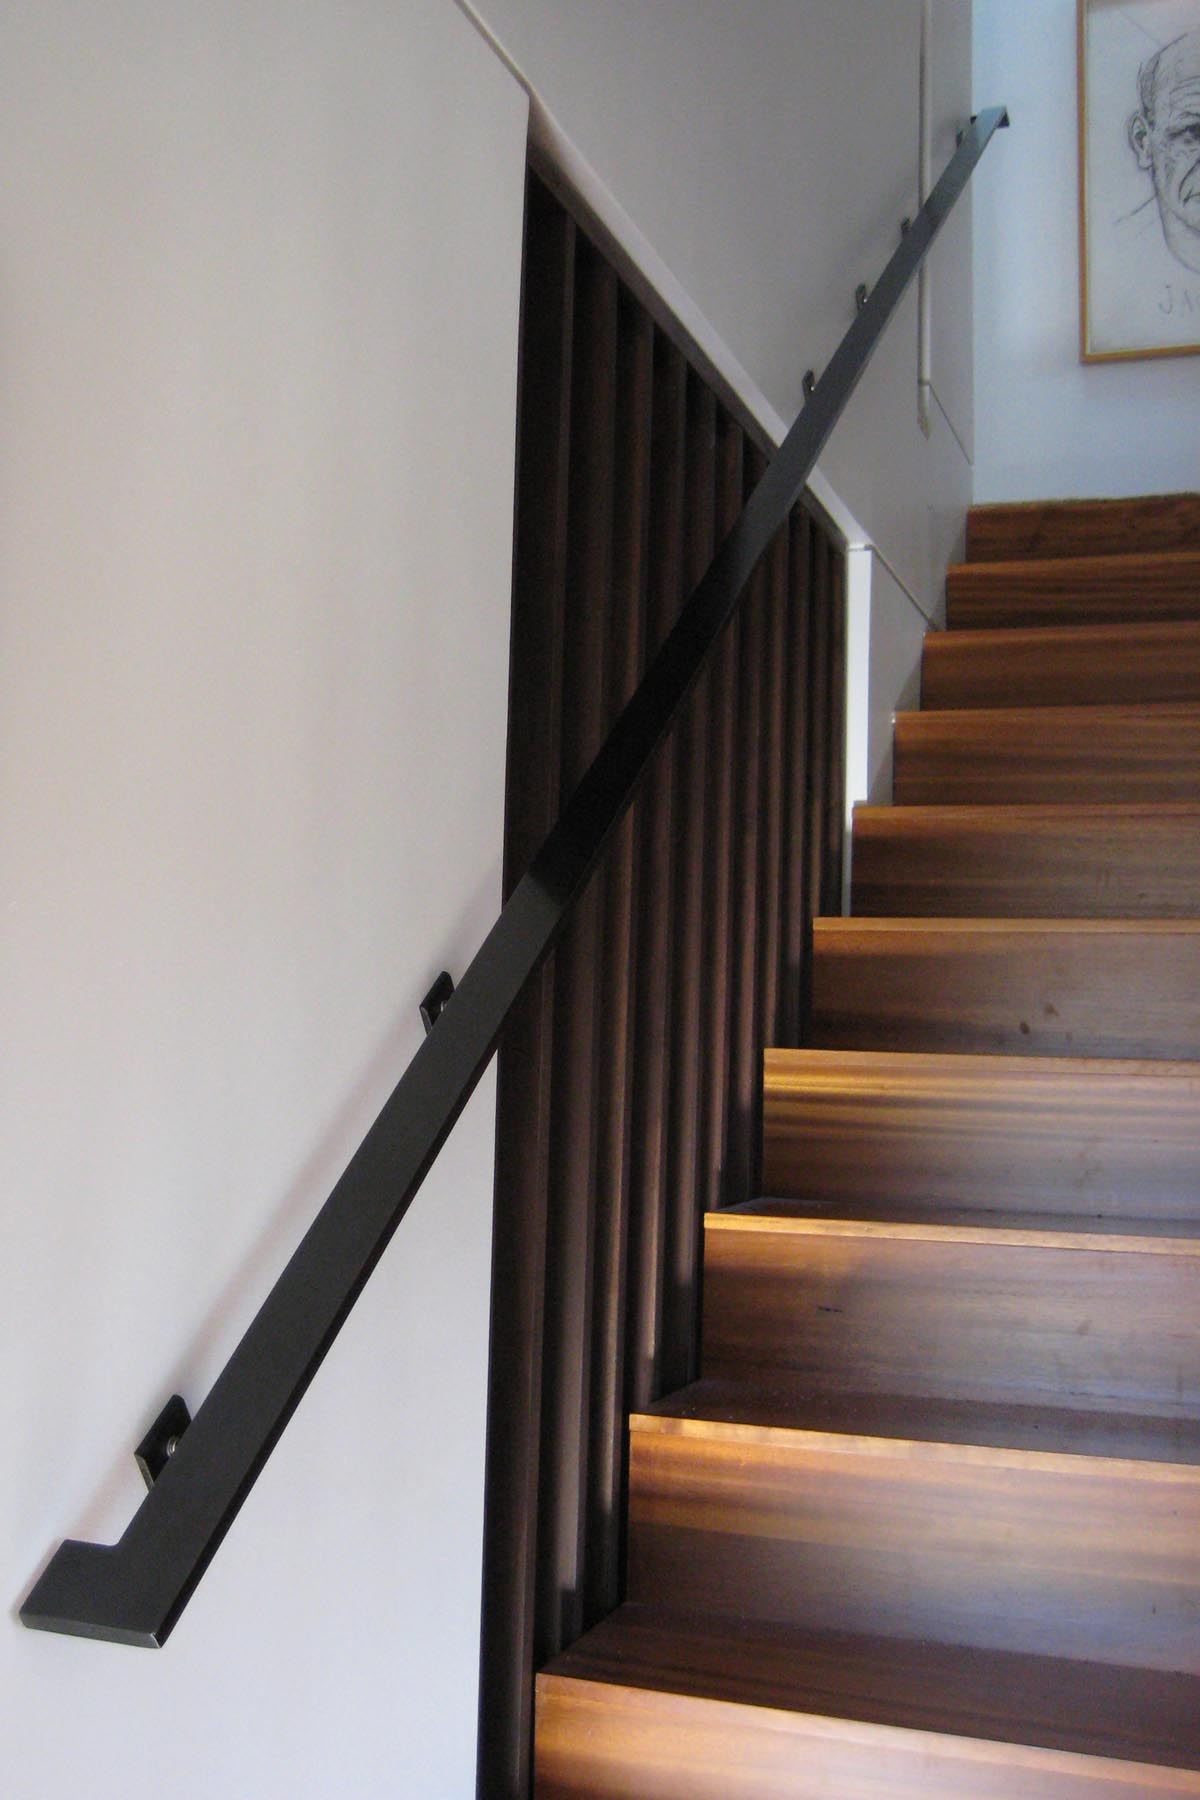 stevens stair railing.jpg